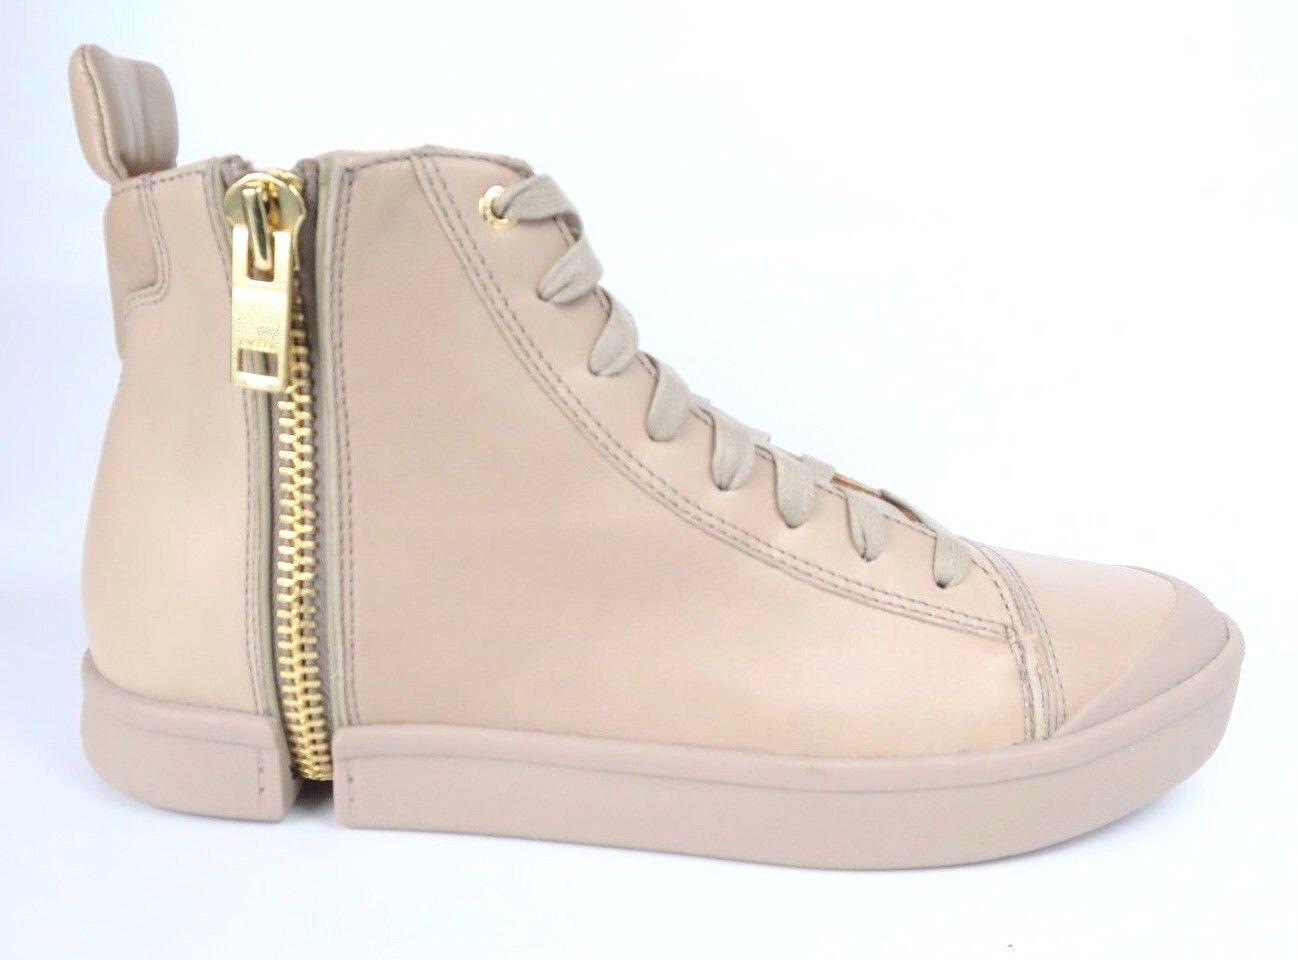 Diesel S-nentish caballero zapatillas zapatillas Men zapatos over ZIP-around botas n14